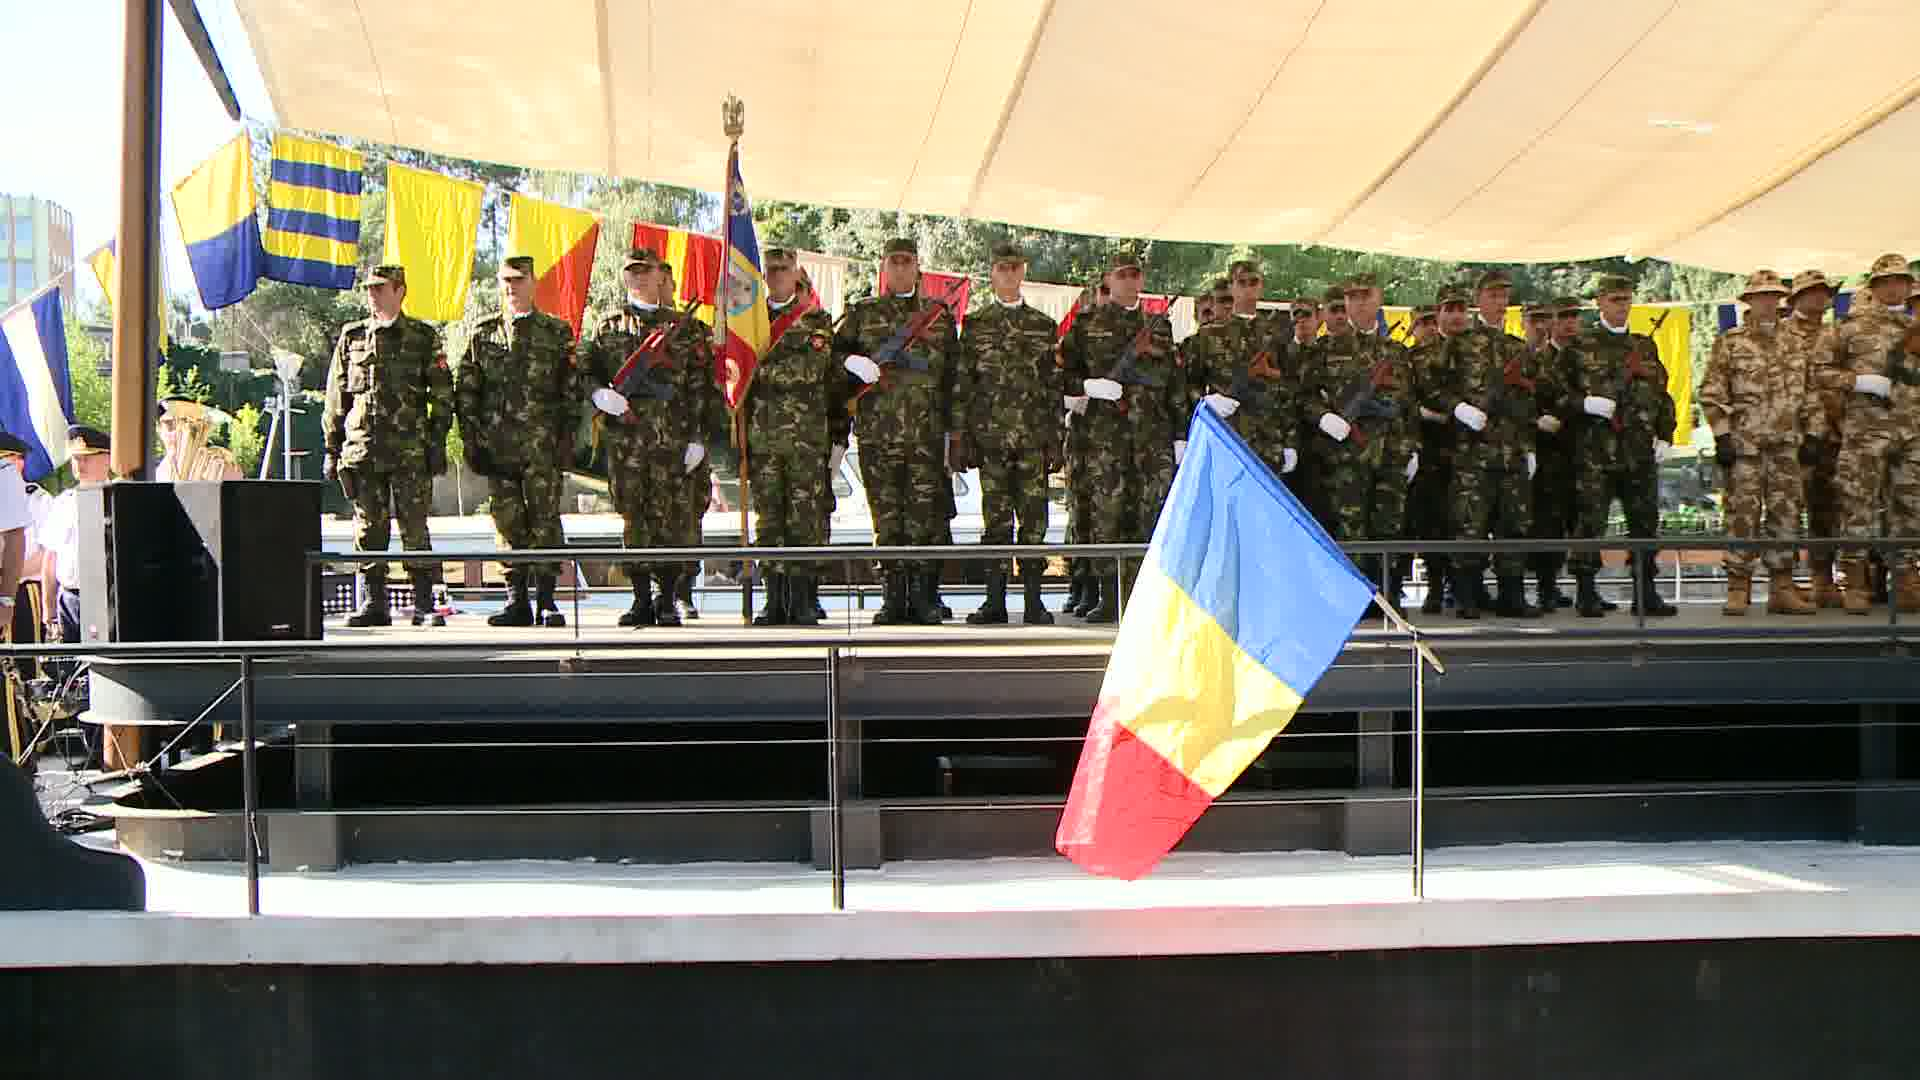 Ziua Marinei, sarbatorita si la Timisoara. Zeci de curiosi au venit pe malul Begai sa vada ceremonia